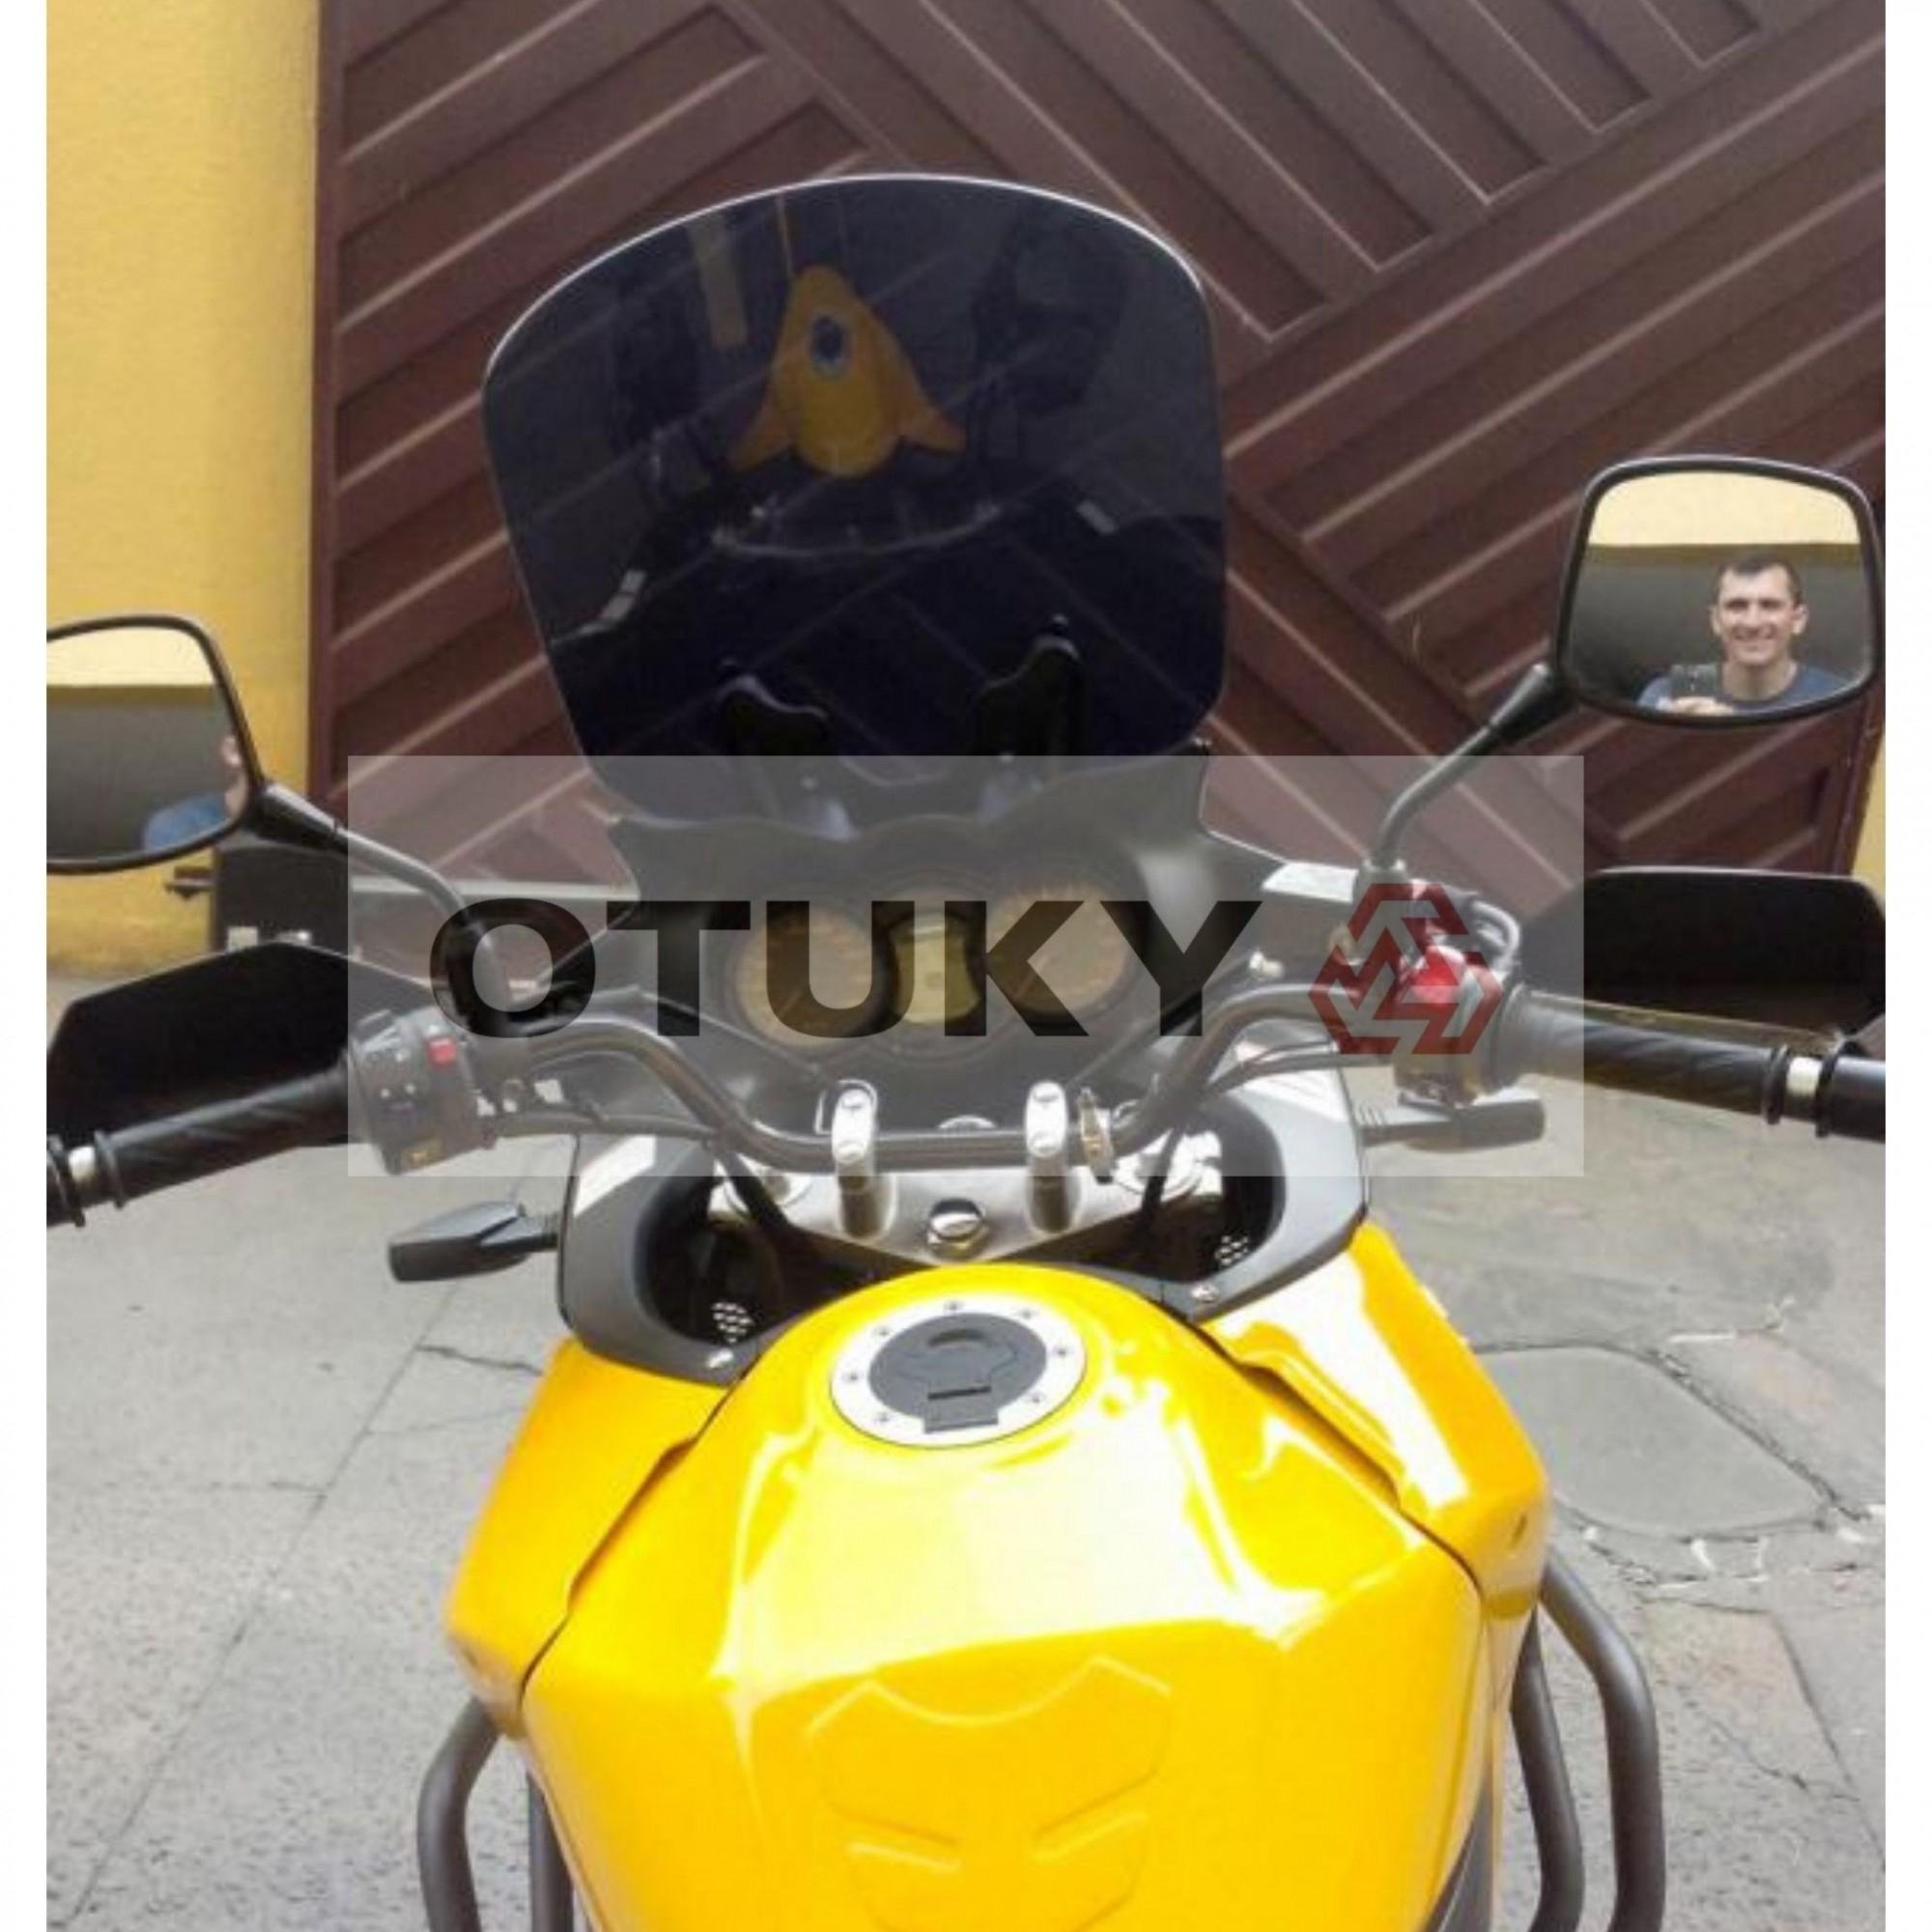 Bolha para Moto V-Strom DL 650 1000 2004 2005 2006 2007 2008 2009 2010 2011 2012 2013 Alongada +10cm